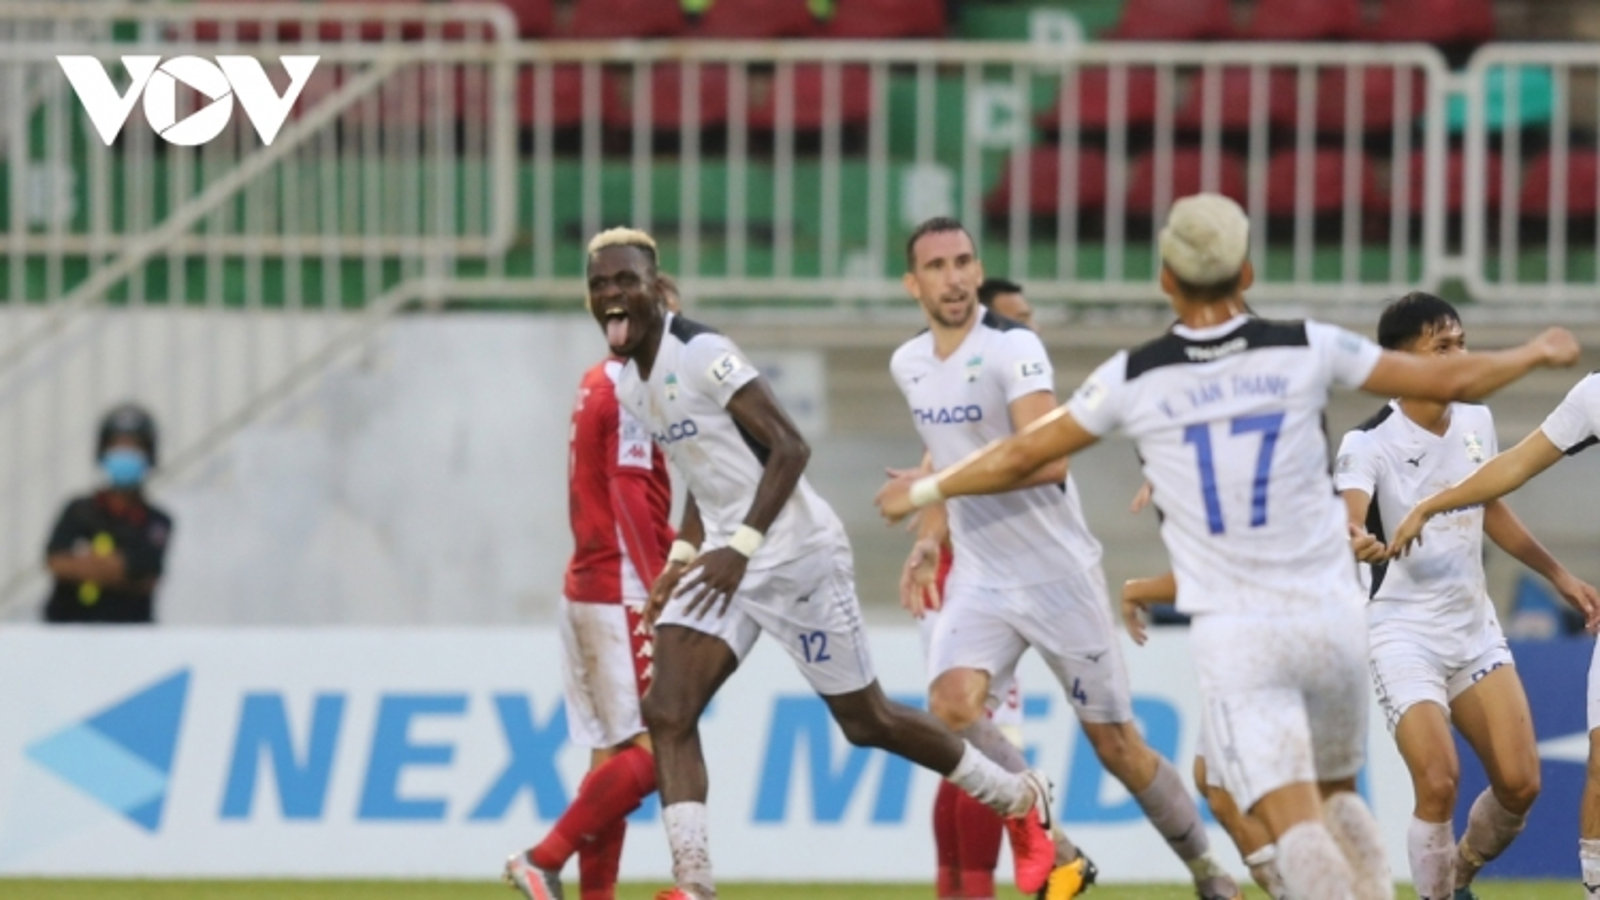 Toàn cảnh ngày kết thúc GĐ1 V-League 2020: Hà Tĩnh vào top 8, HAGL sánh ngang Hà Nội FC